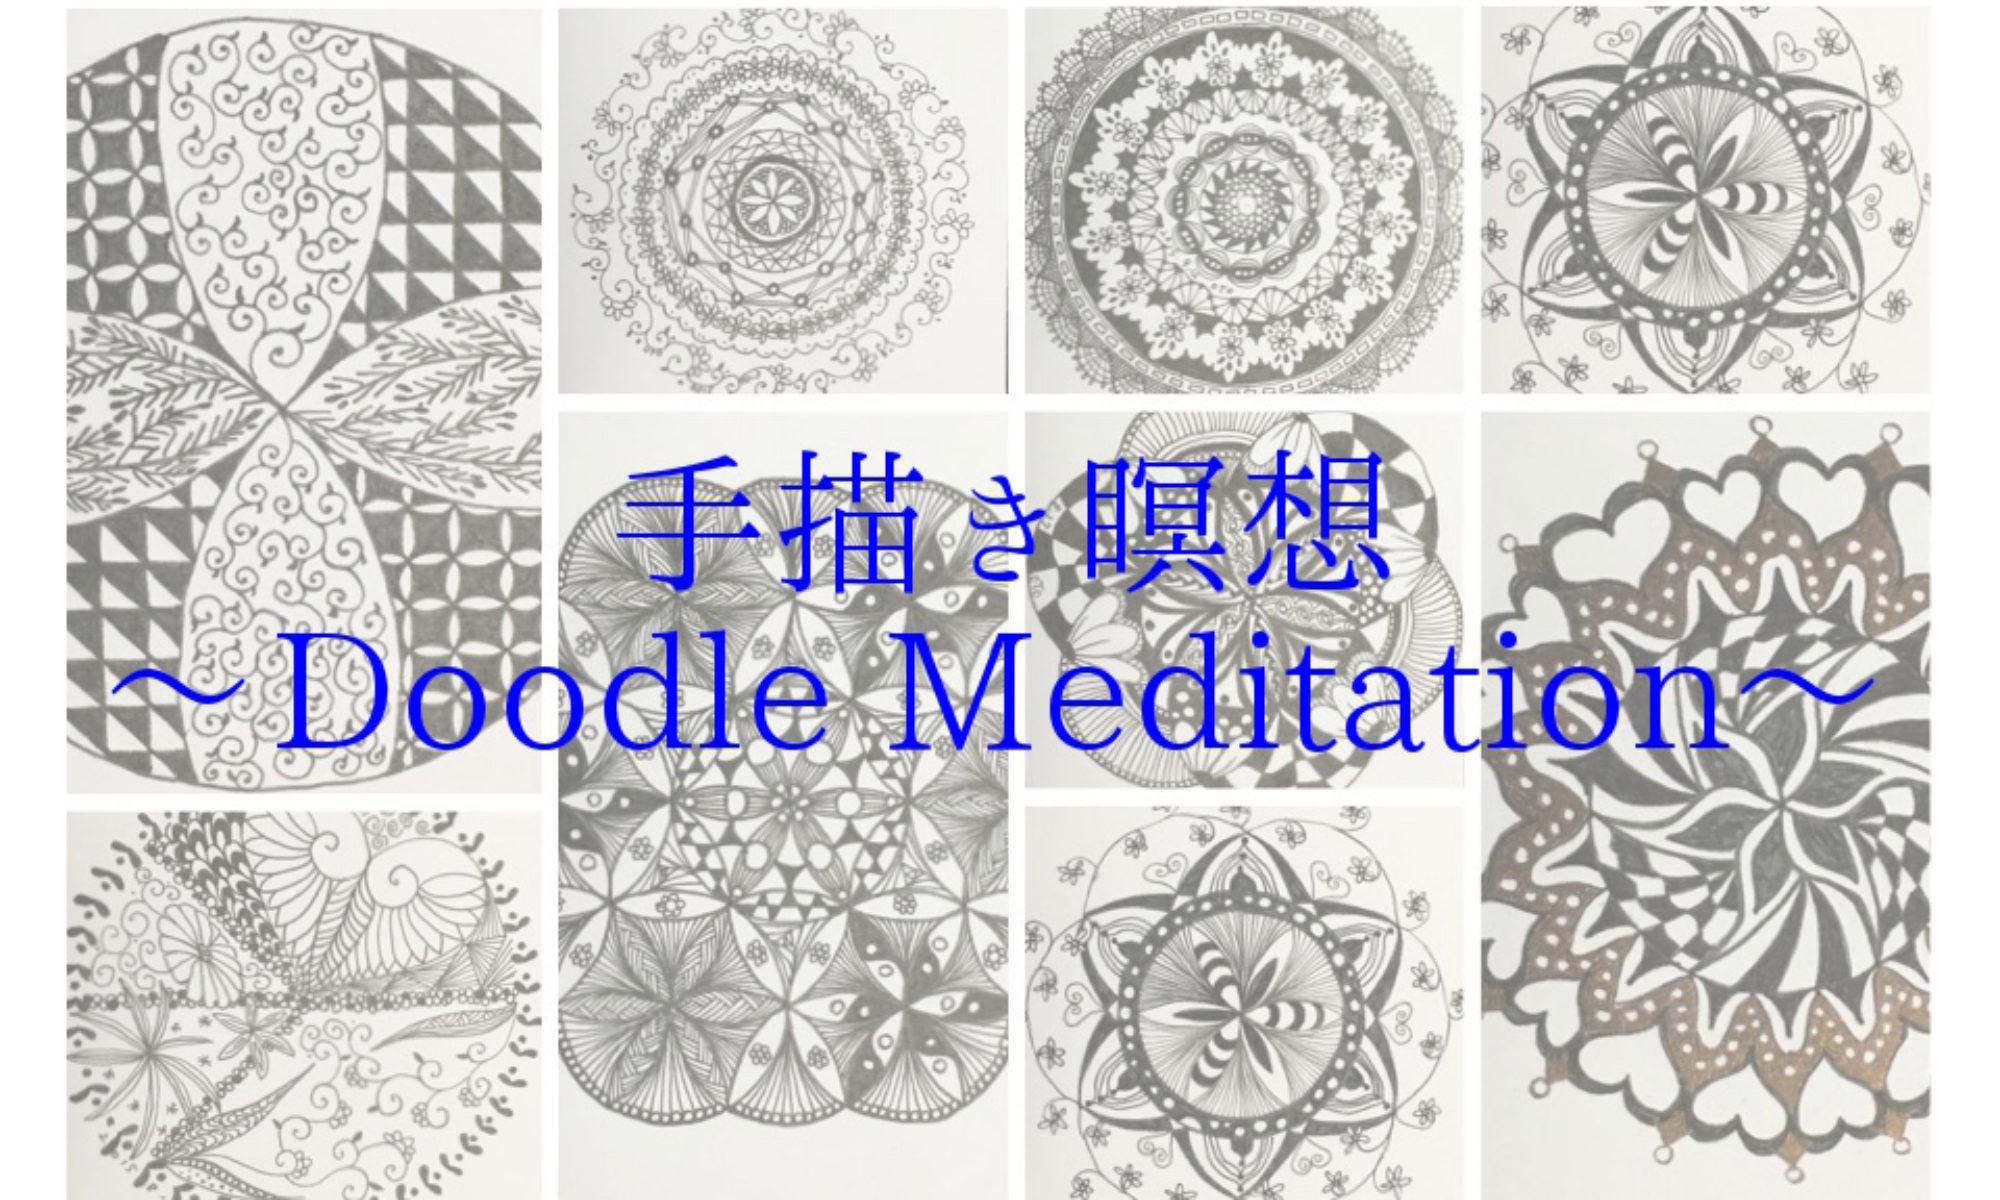 Doodle Meditation